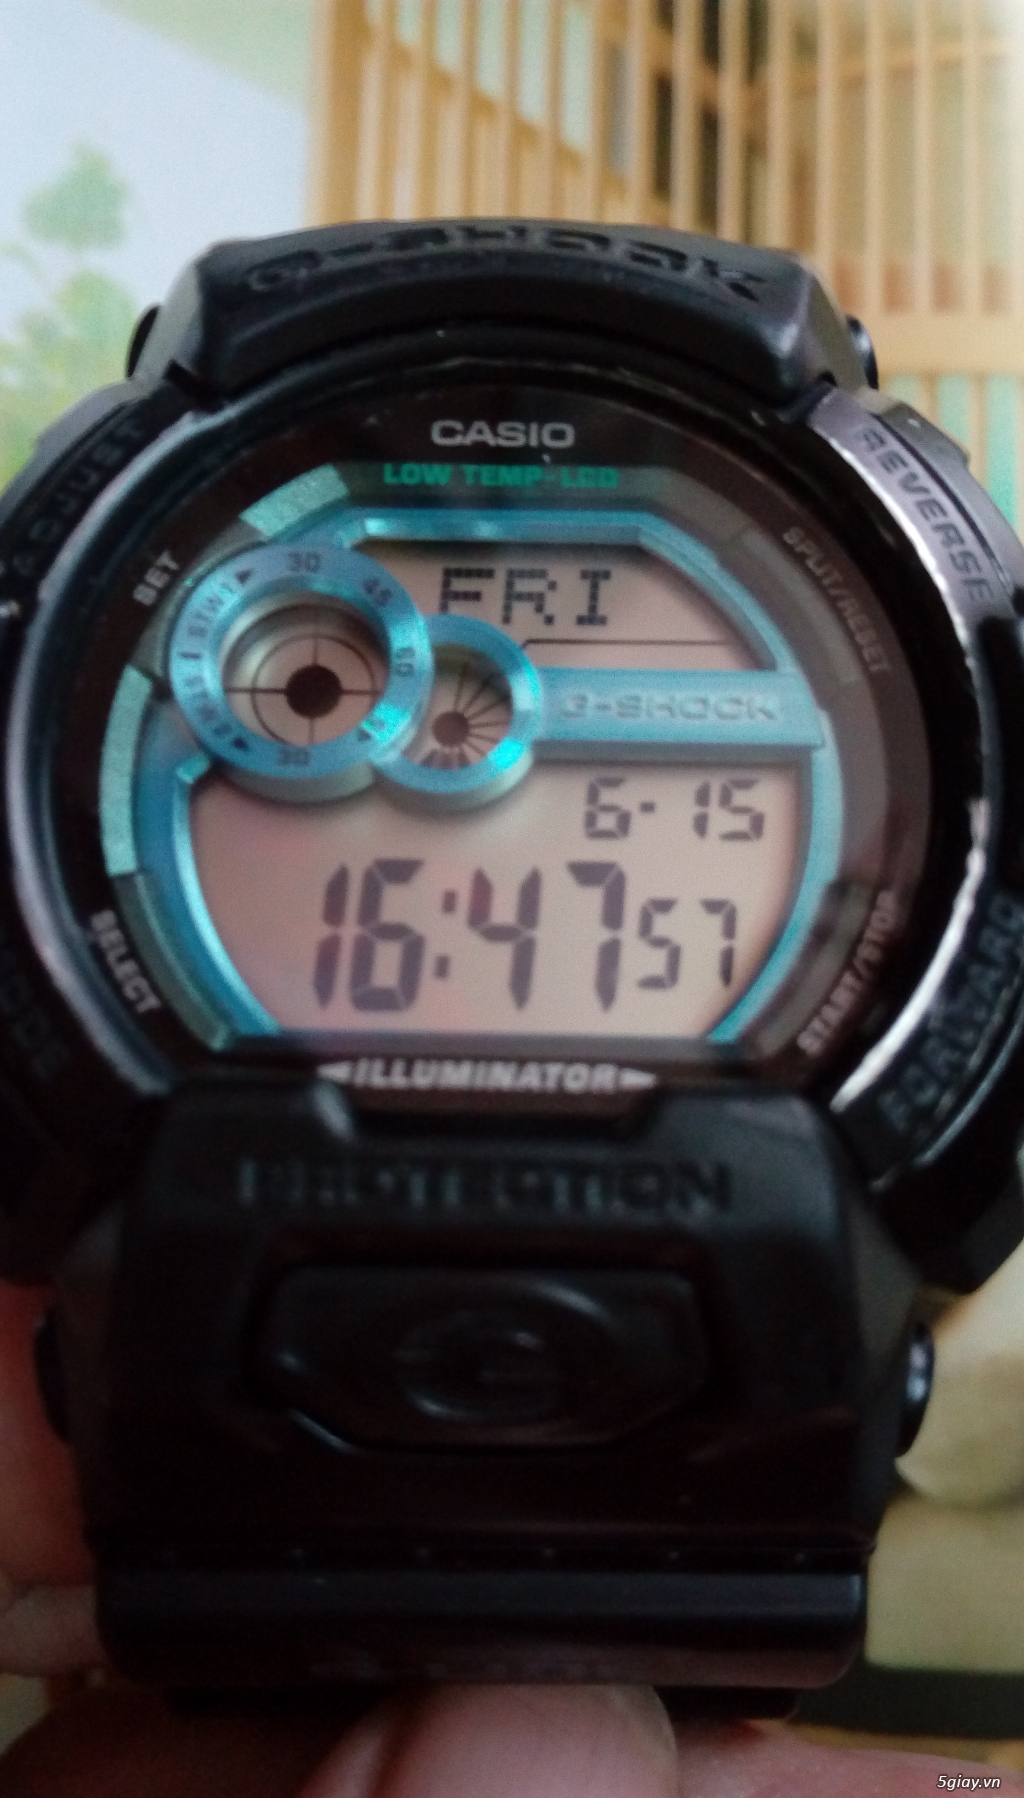 Đồng hồ chính hãng của Mỹ dư xài máy pin Quazt , máy tự động Automatic - 27